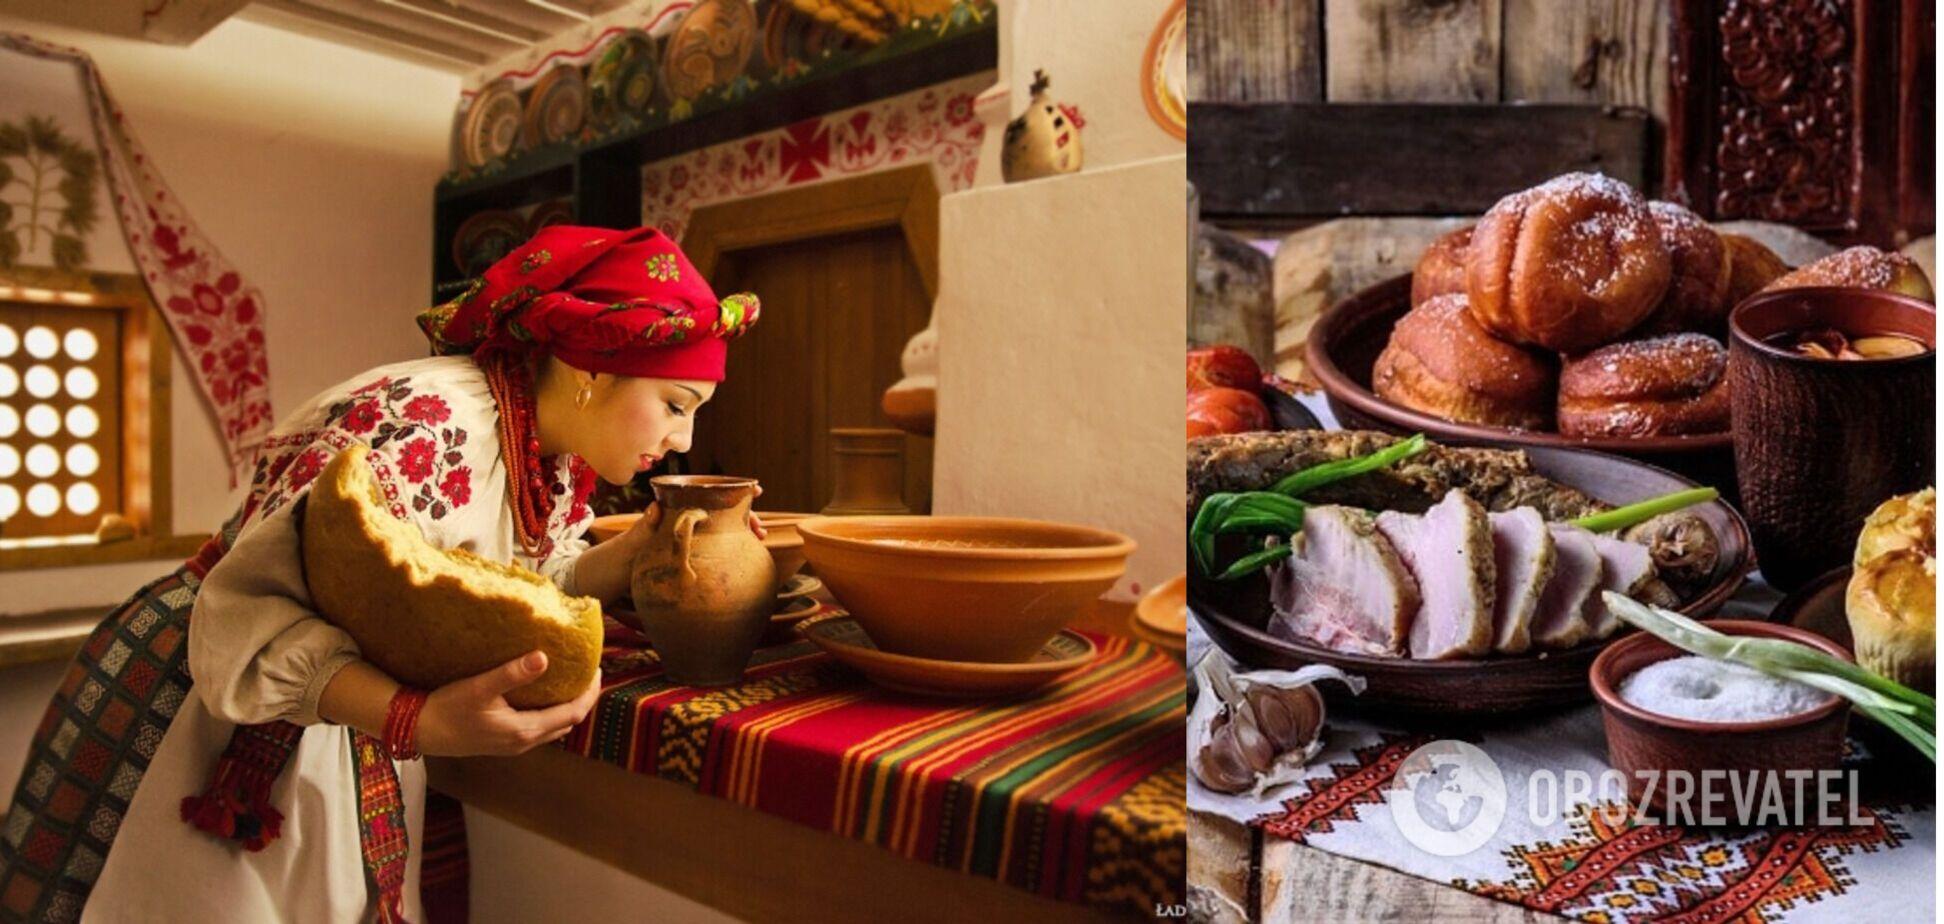 Забытые блюда украинской кухни: крупник, кныш, зубцы